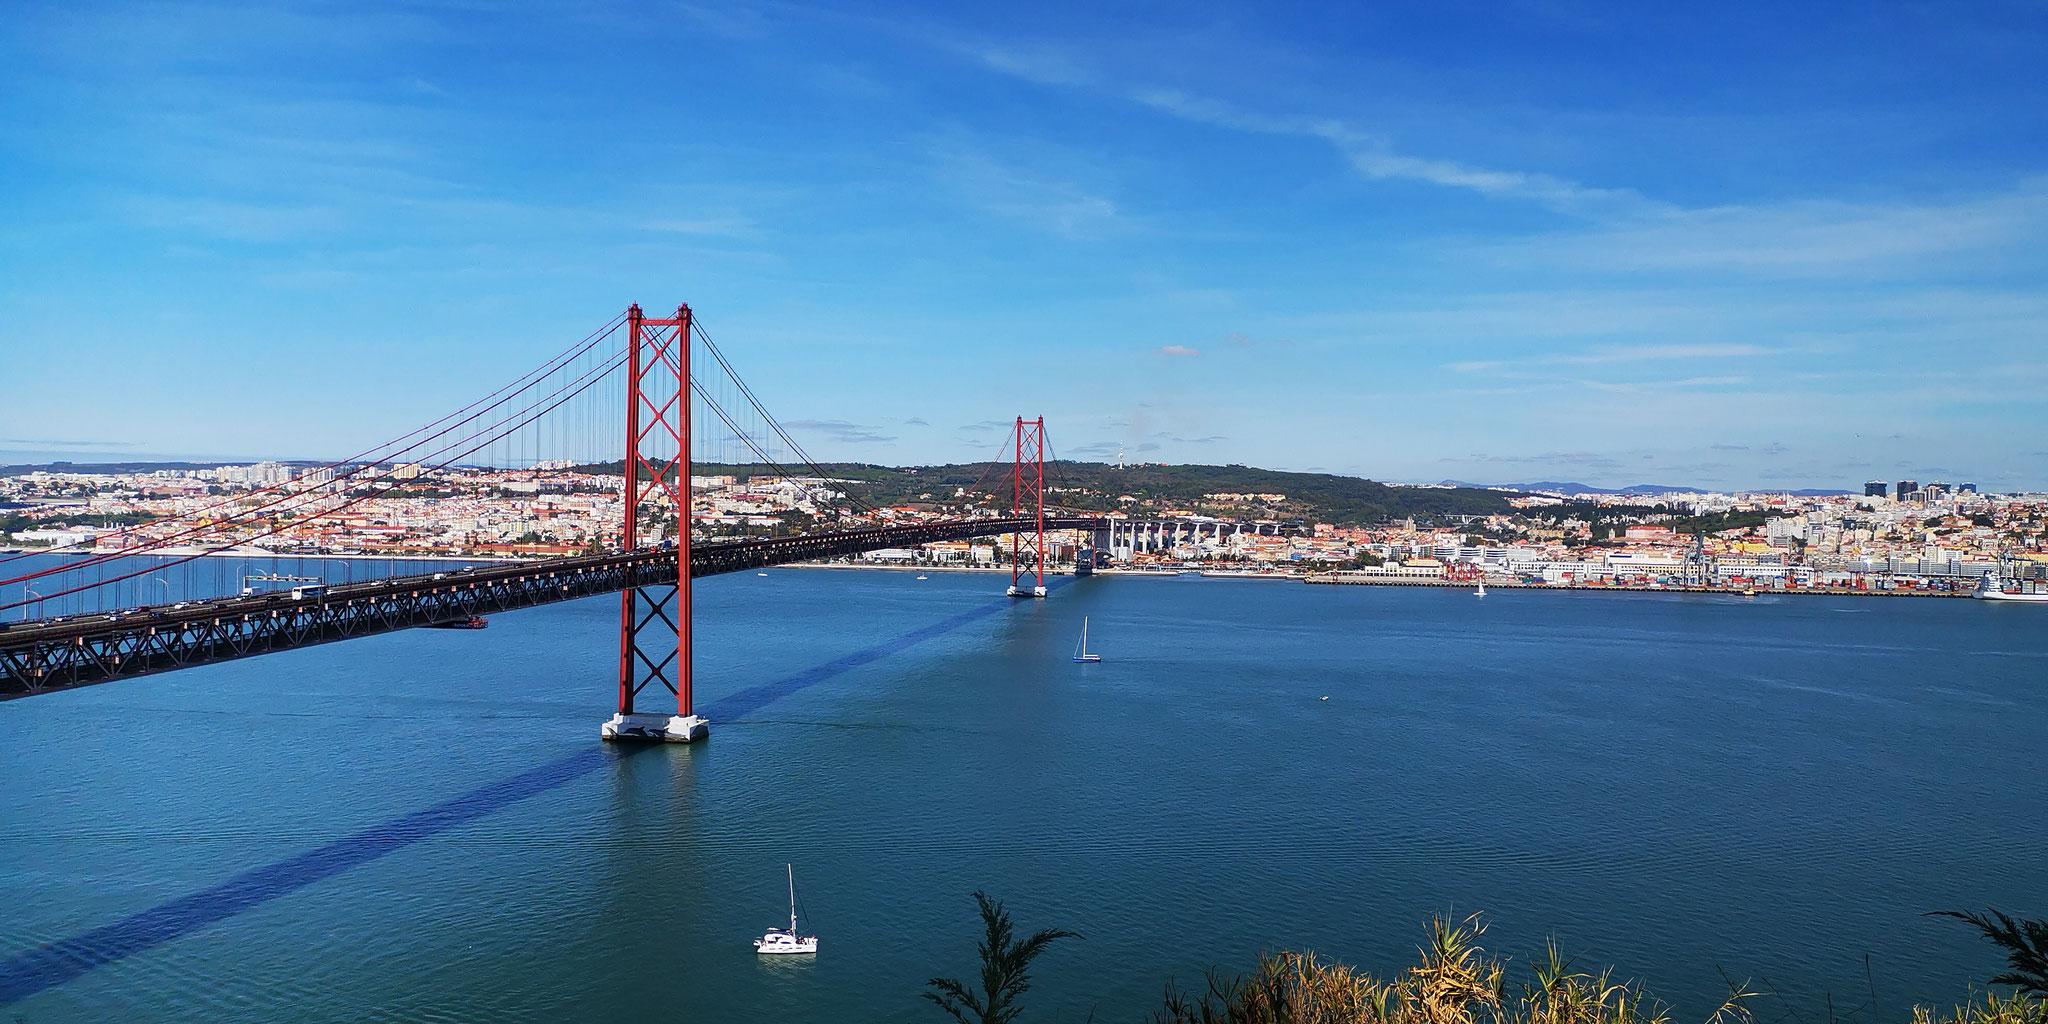 Lissabon - Costa Rei